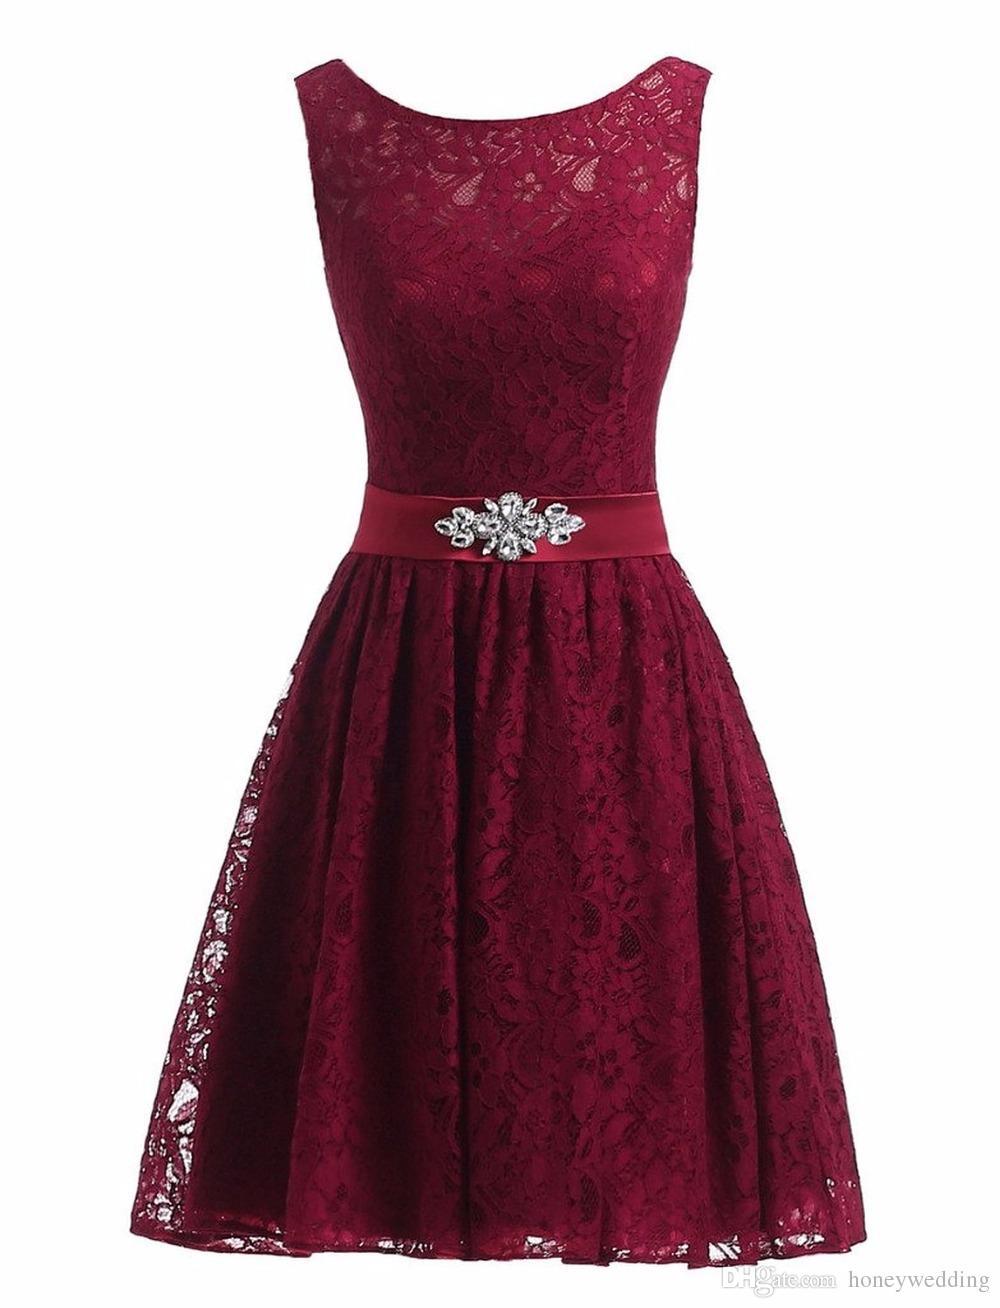 Großhandel 20% Real Photo Günstige Kurze Prom Kleider Spitze Kurze Kleine  Schwarz Weiß Rosa Royal Blue Red Lavendel Formale Cocktail Party Kleider